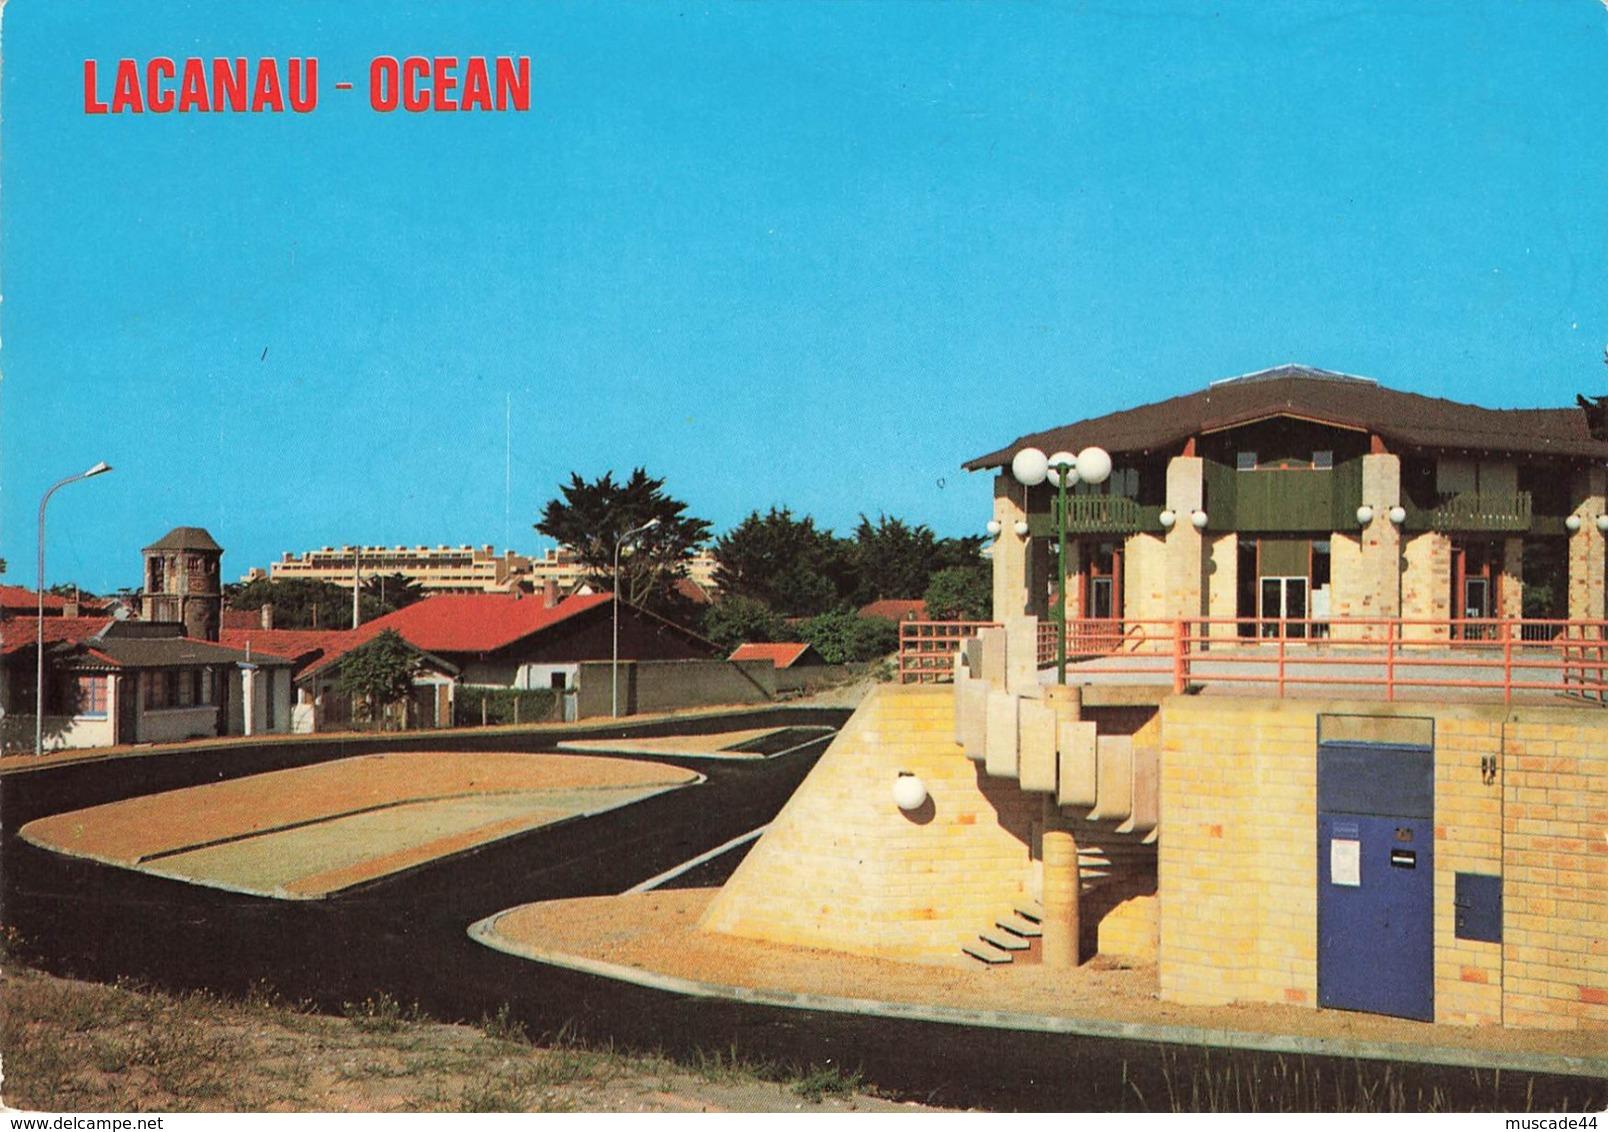 LACANAU OCEAN - LA MAIRIE ANNEXE - France